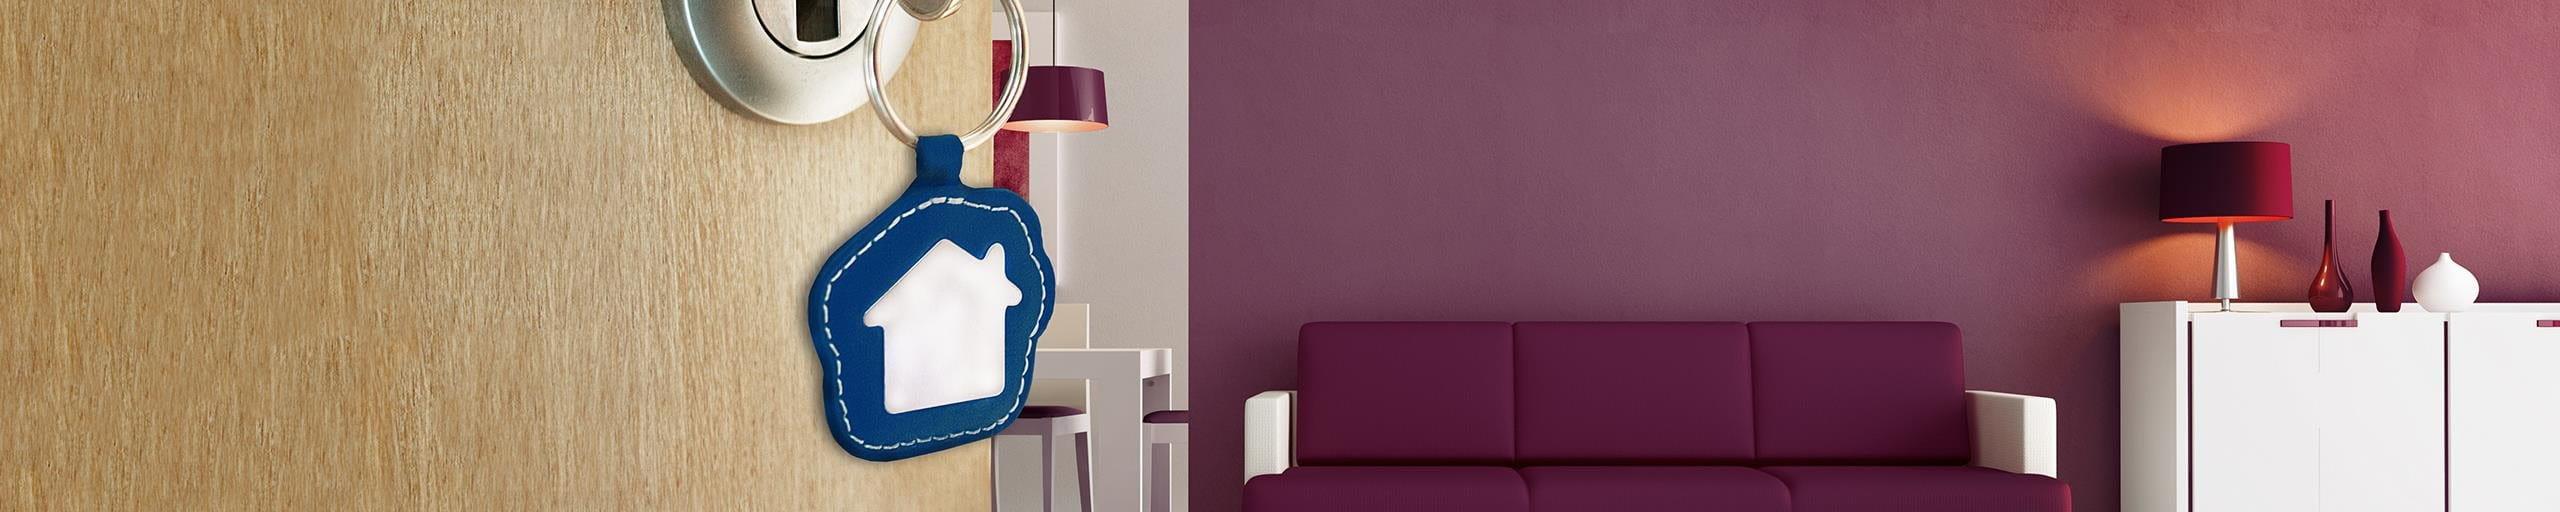 versicherung mietkaution zurich schweiz zurich schweiz. Black Bedroom Furniture Sets. Home Design Ideas